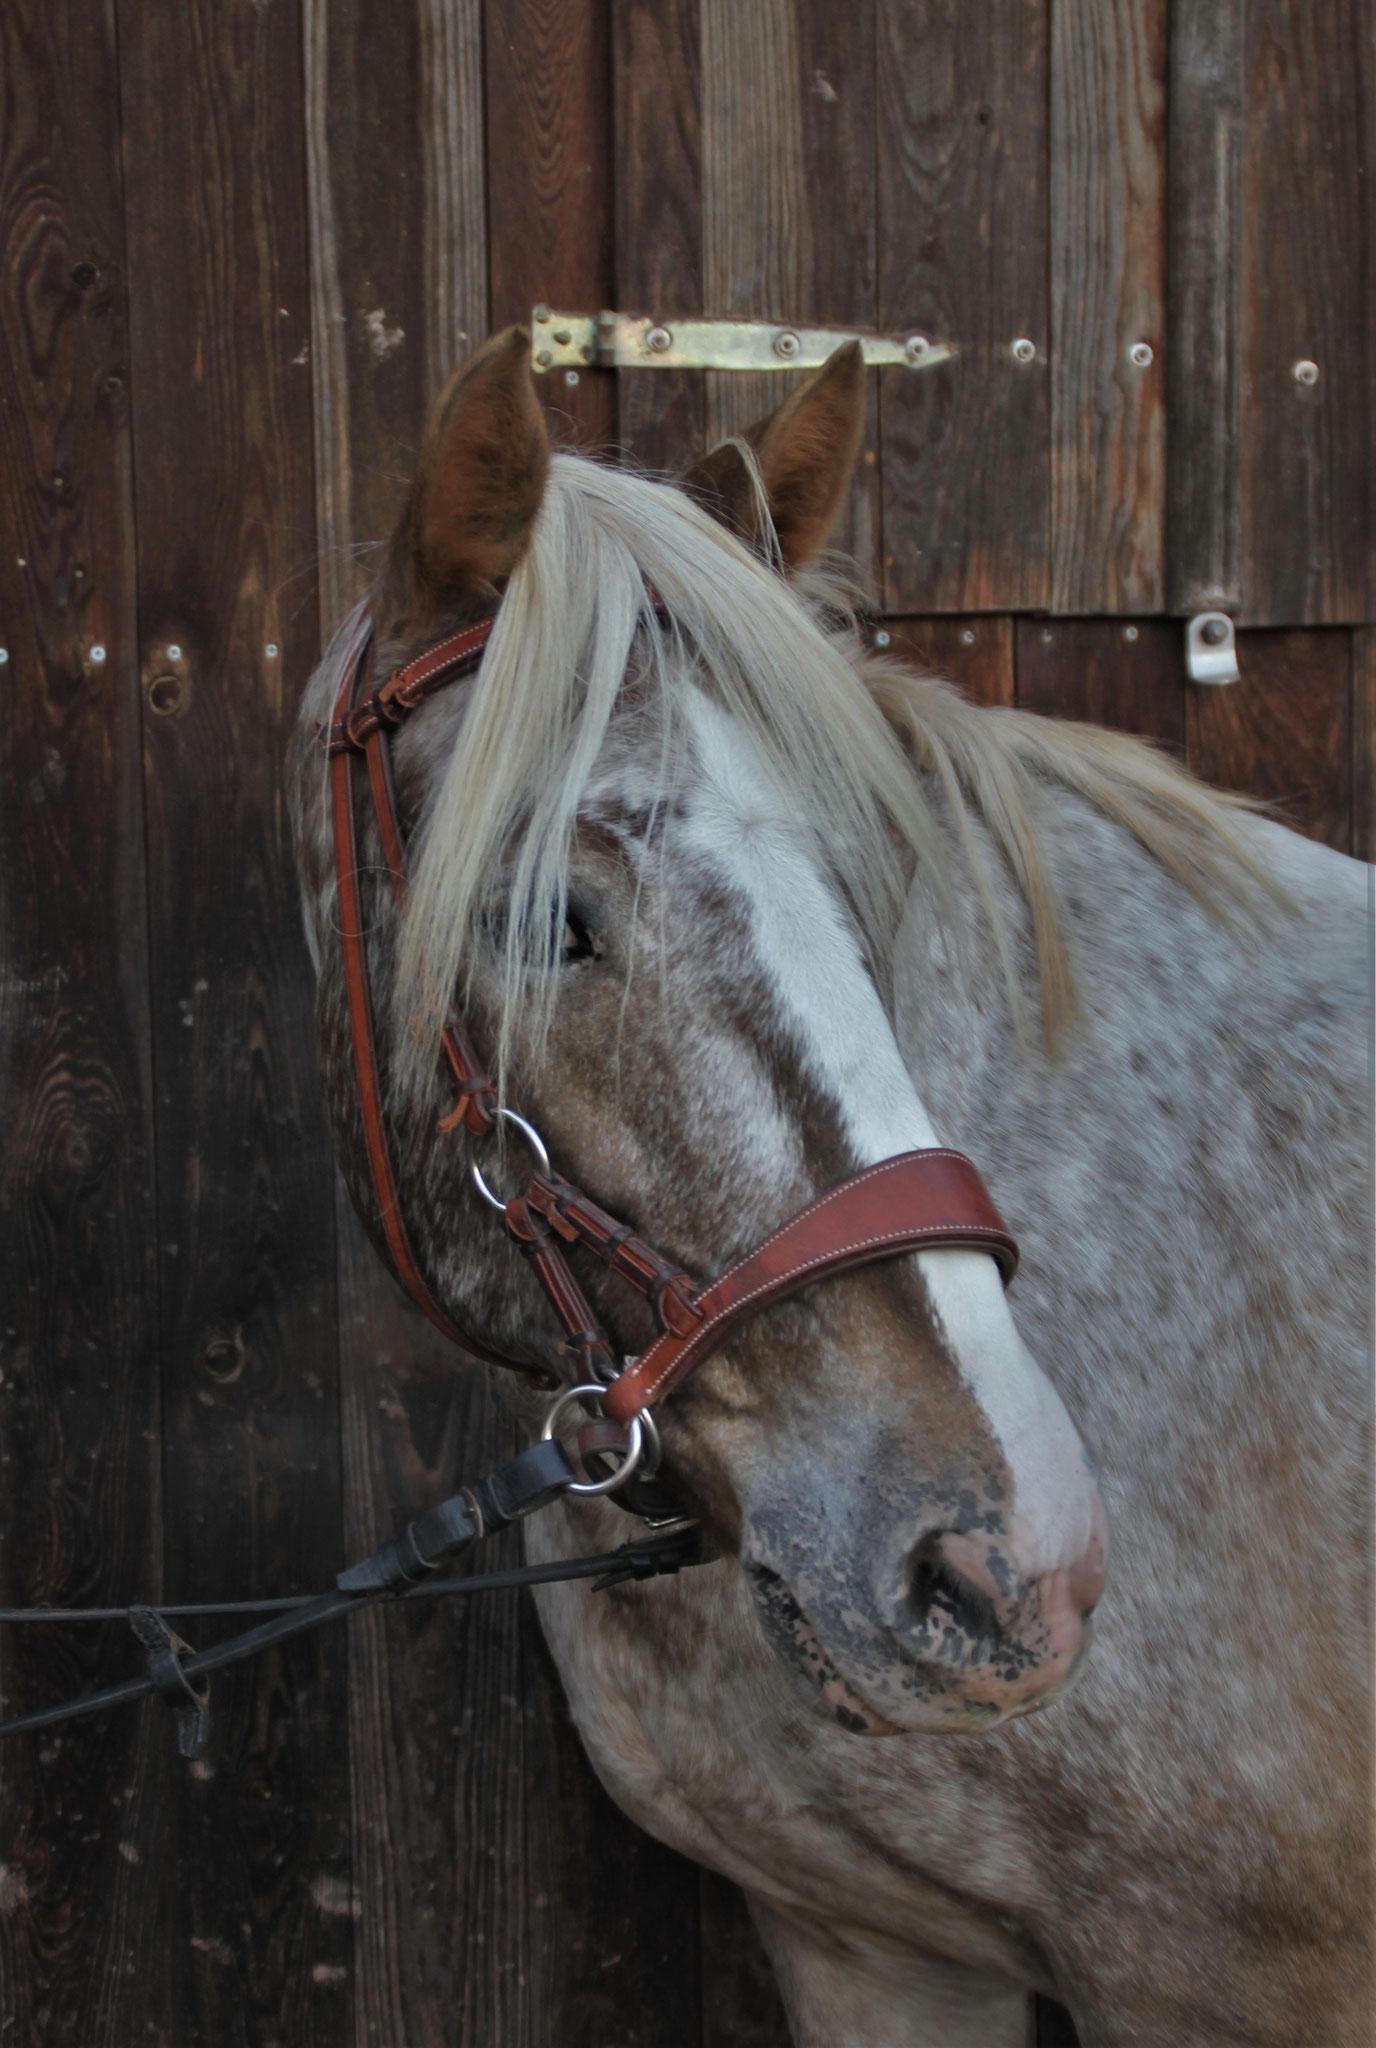 Rubina, geb. 2009, 146 cm. Ein ideales Pony für die Anfänge des Abteilungsreitens, weshalb sie sehr begehrt ist.